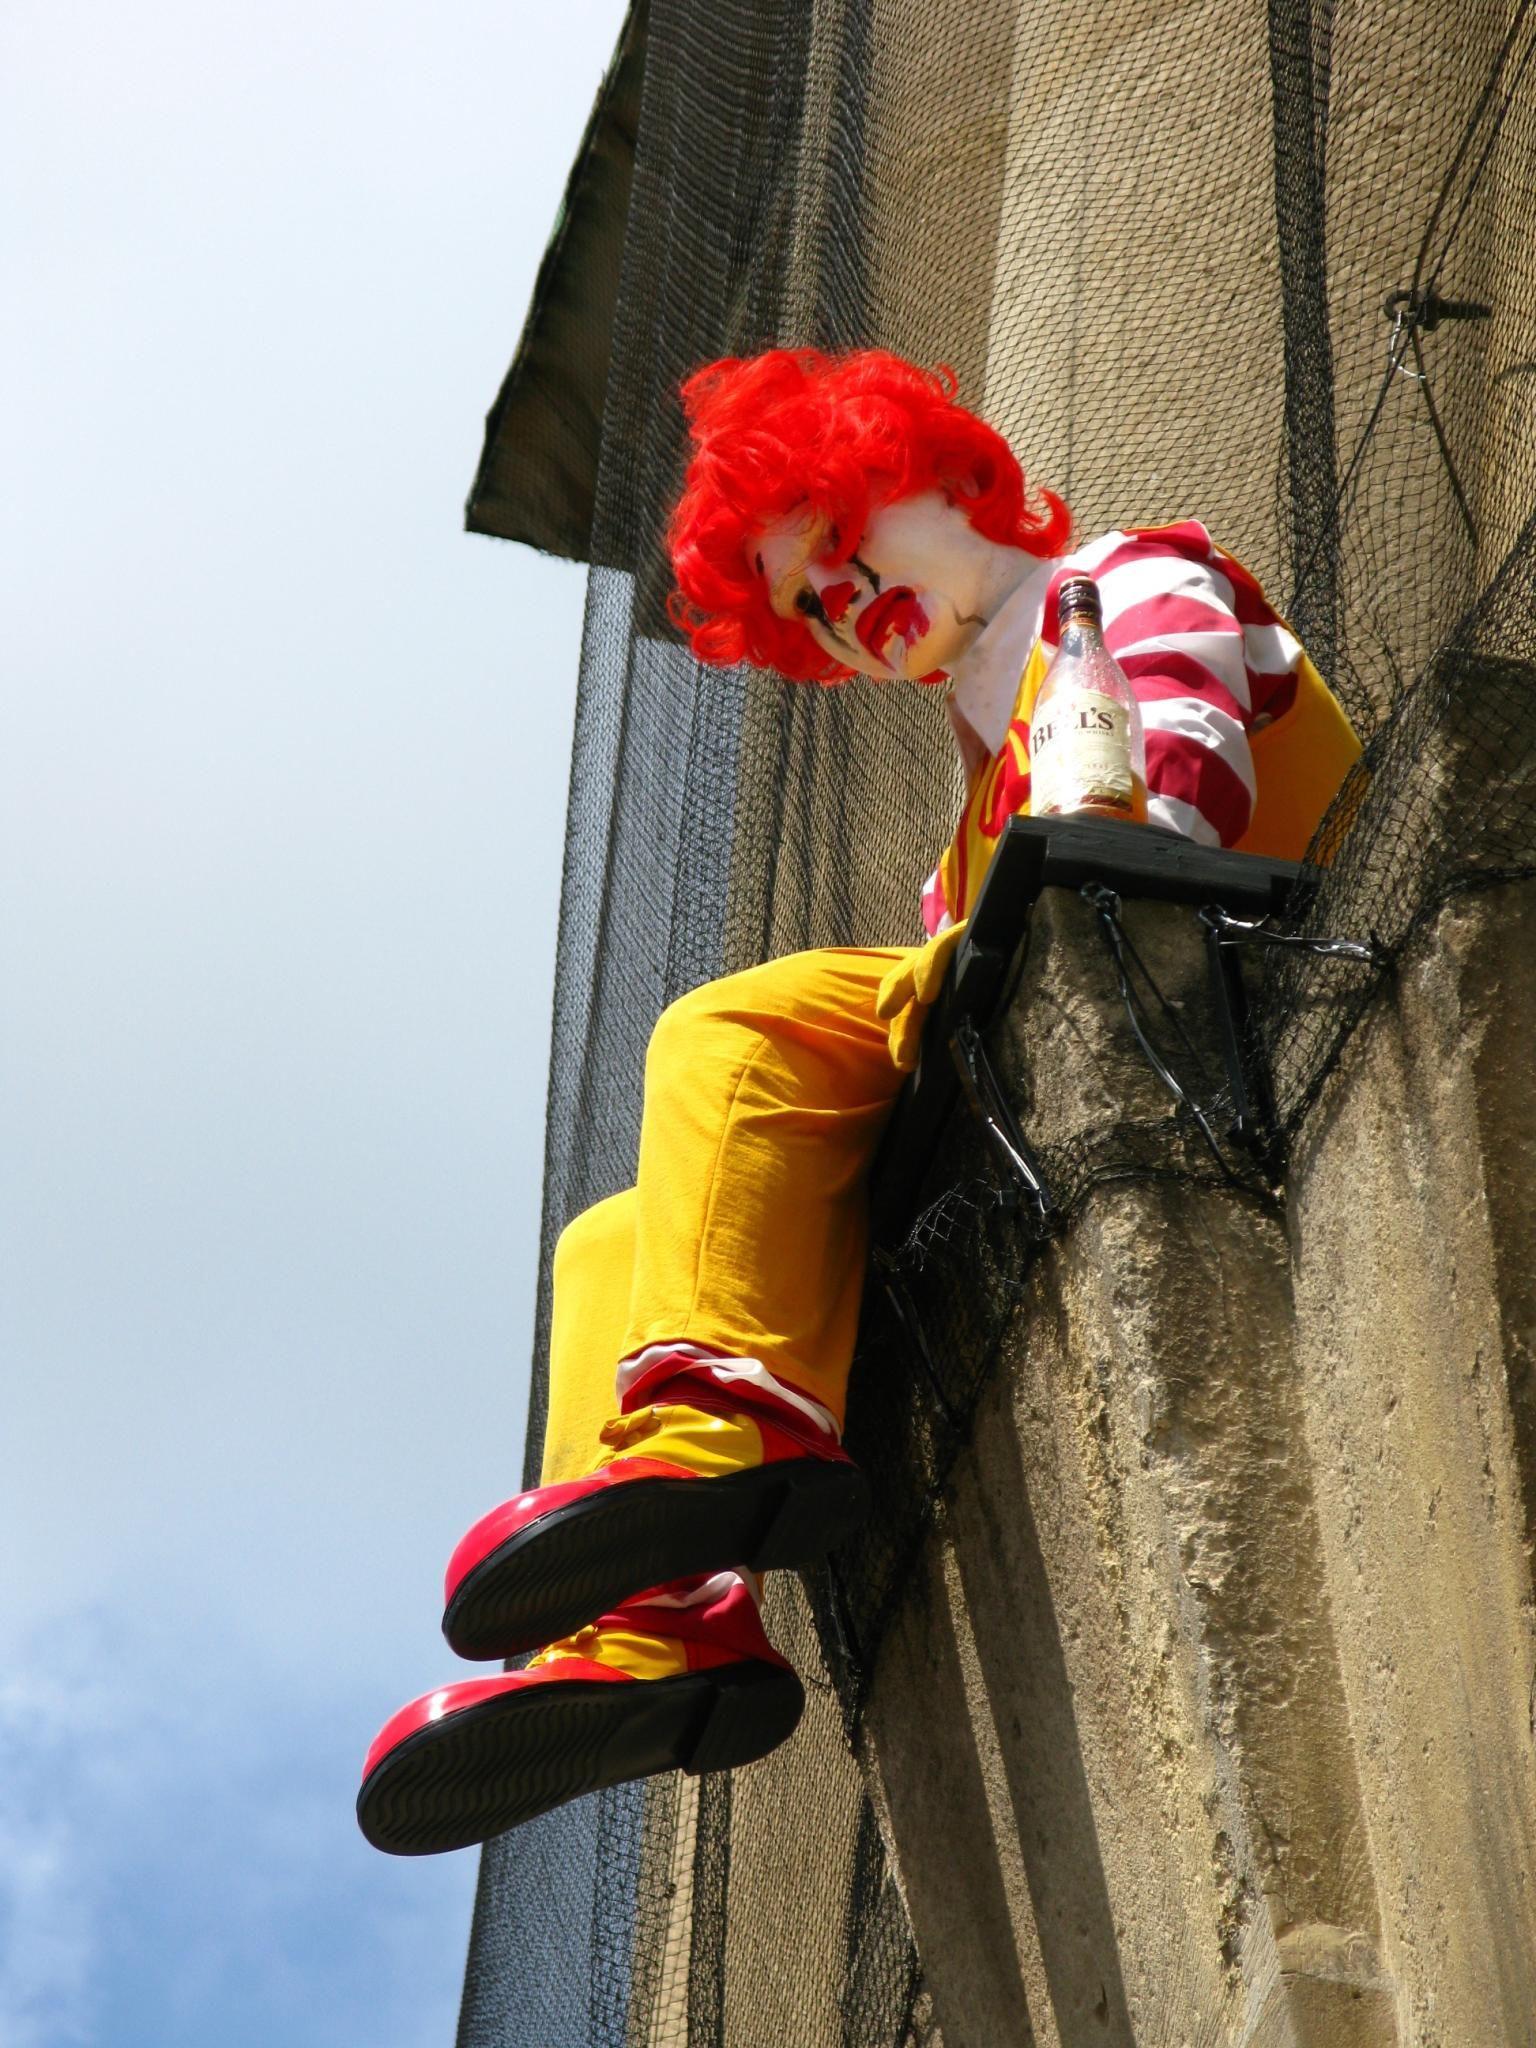 Ronald McDonald | Ronald McDonald | Pinterest